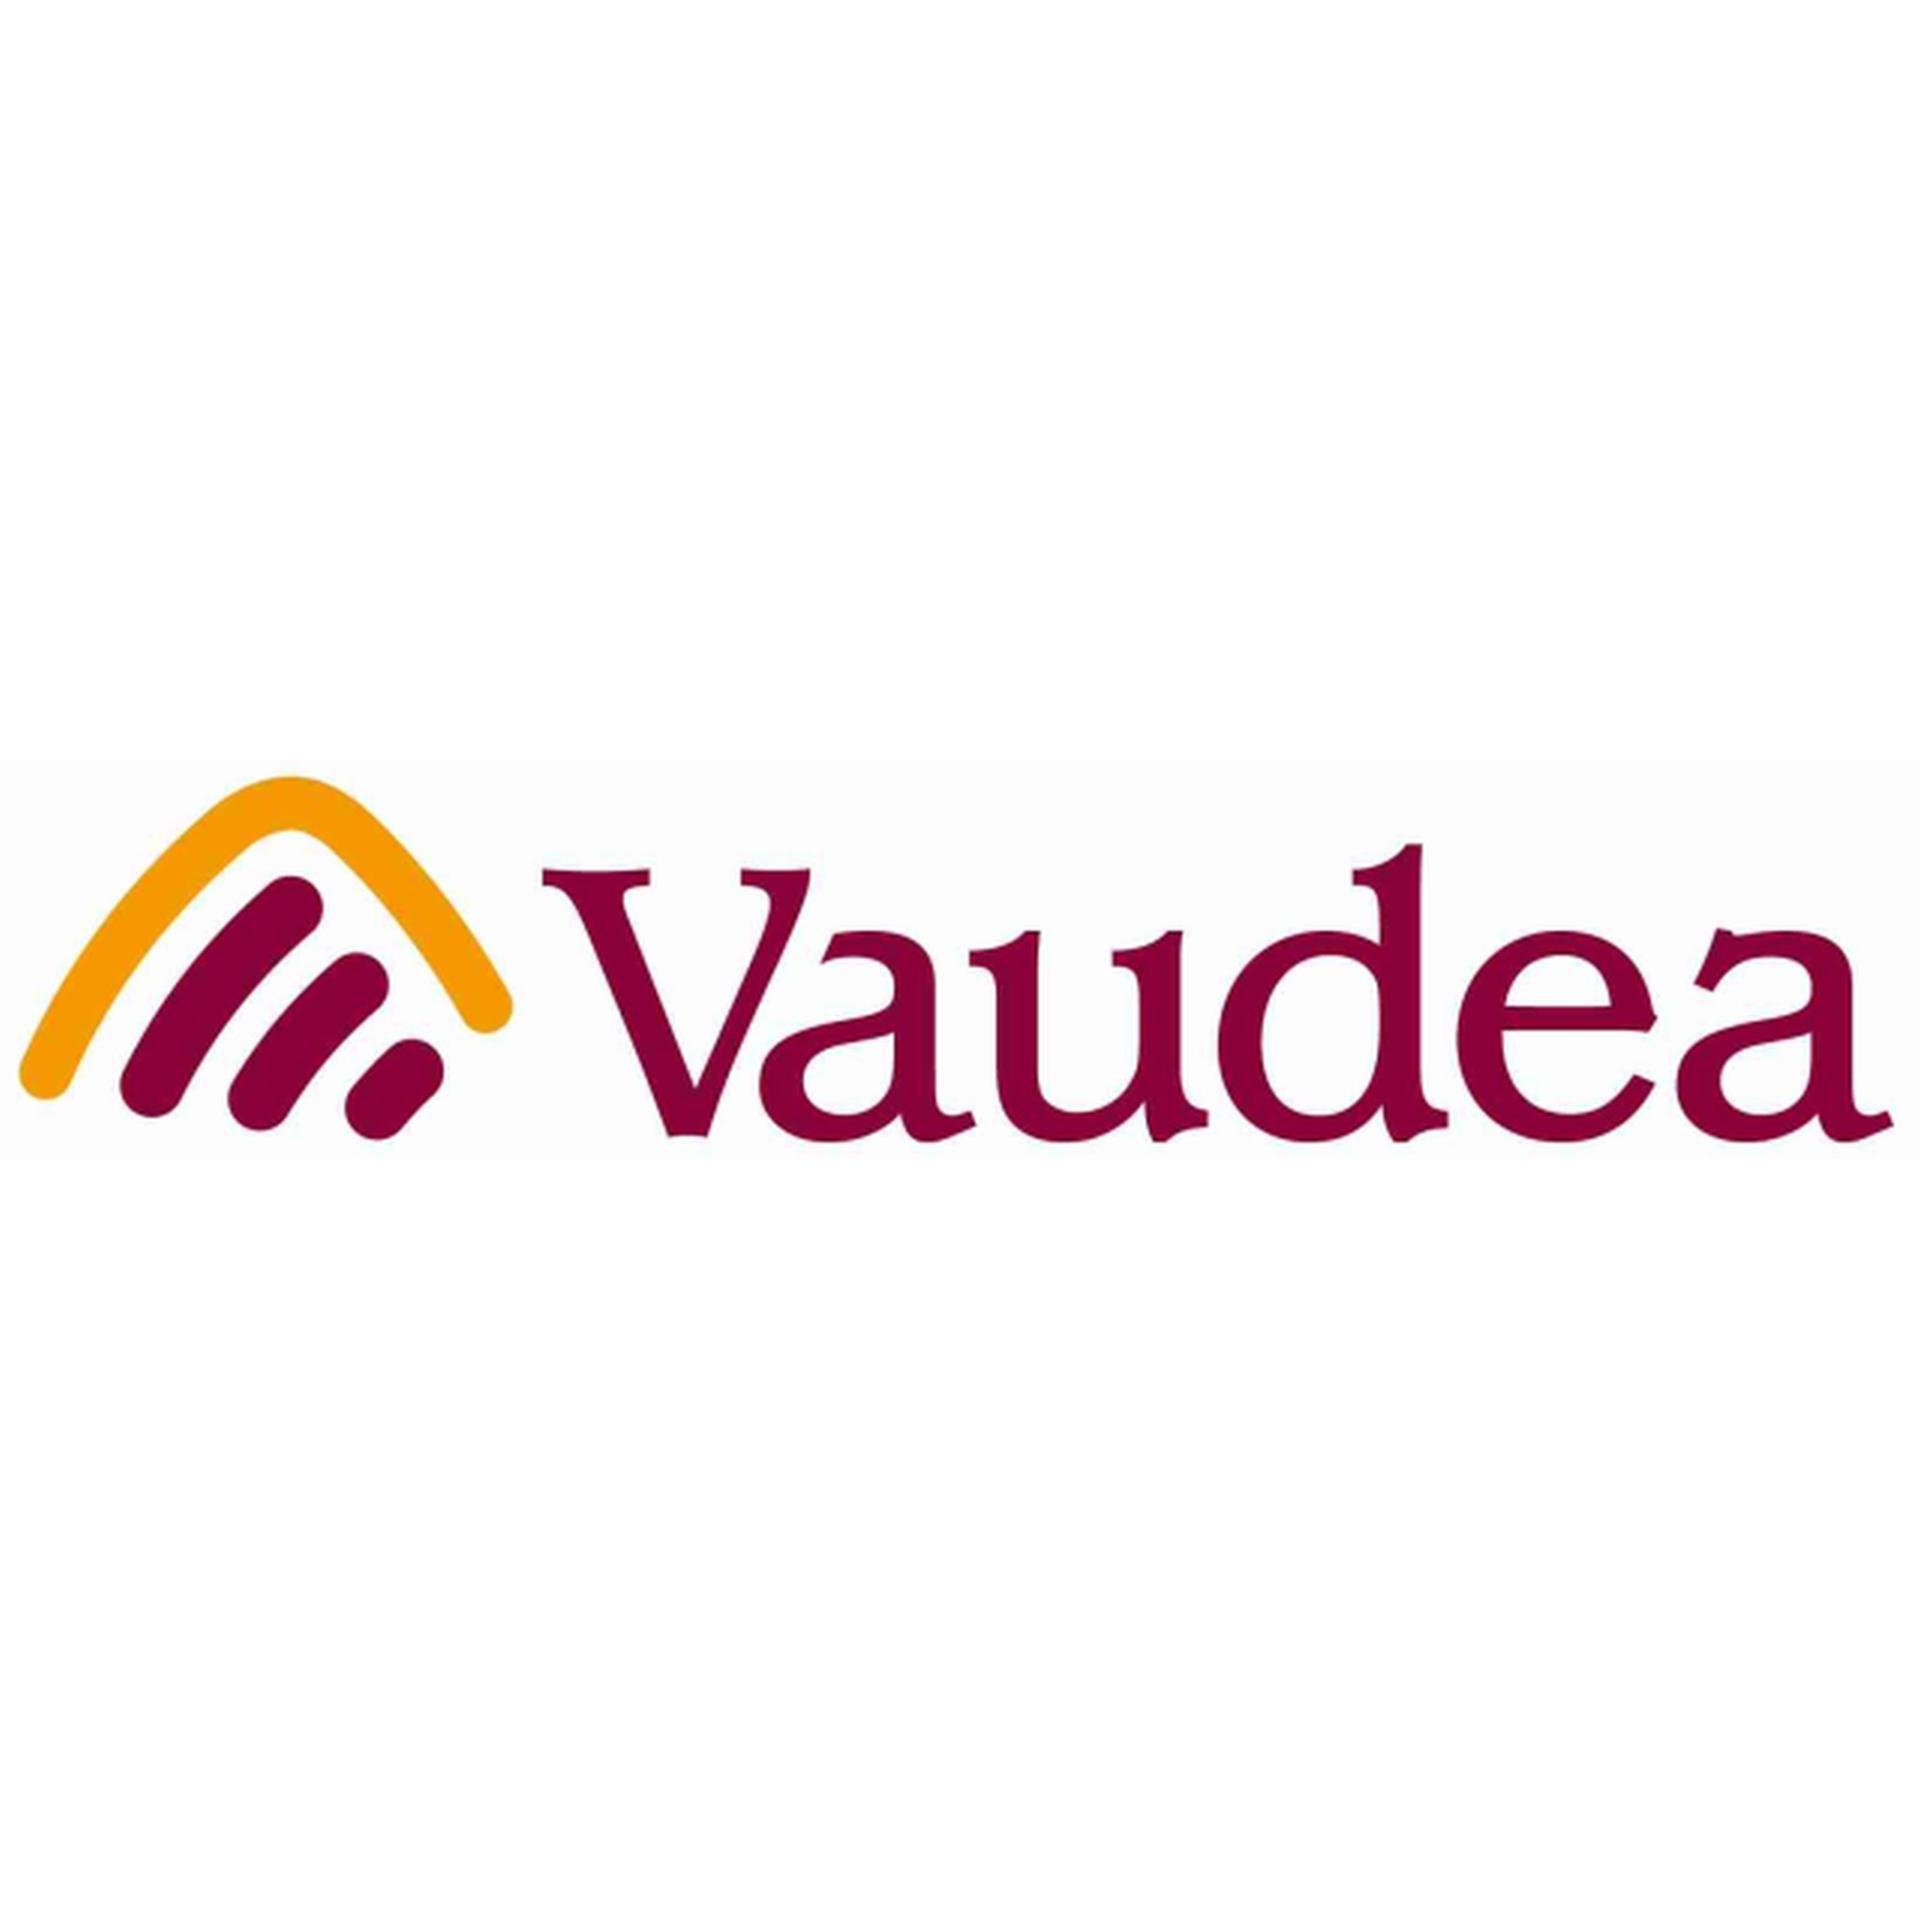 Bild zu Vaudea GmbH Ambulante Pflege im Rhein-Neckar-Dreieck in Mannheim